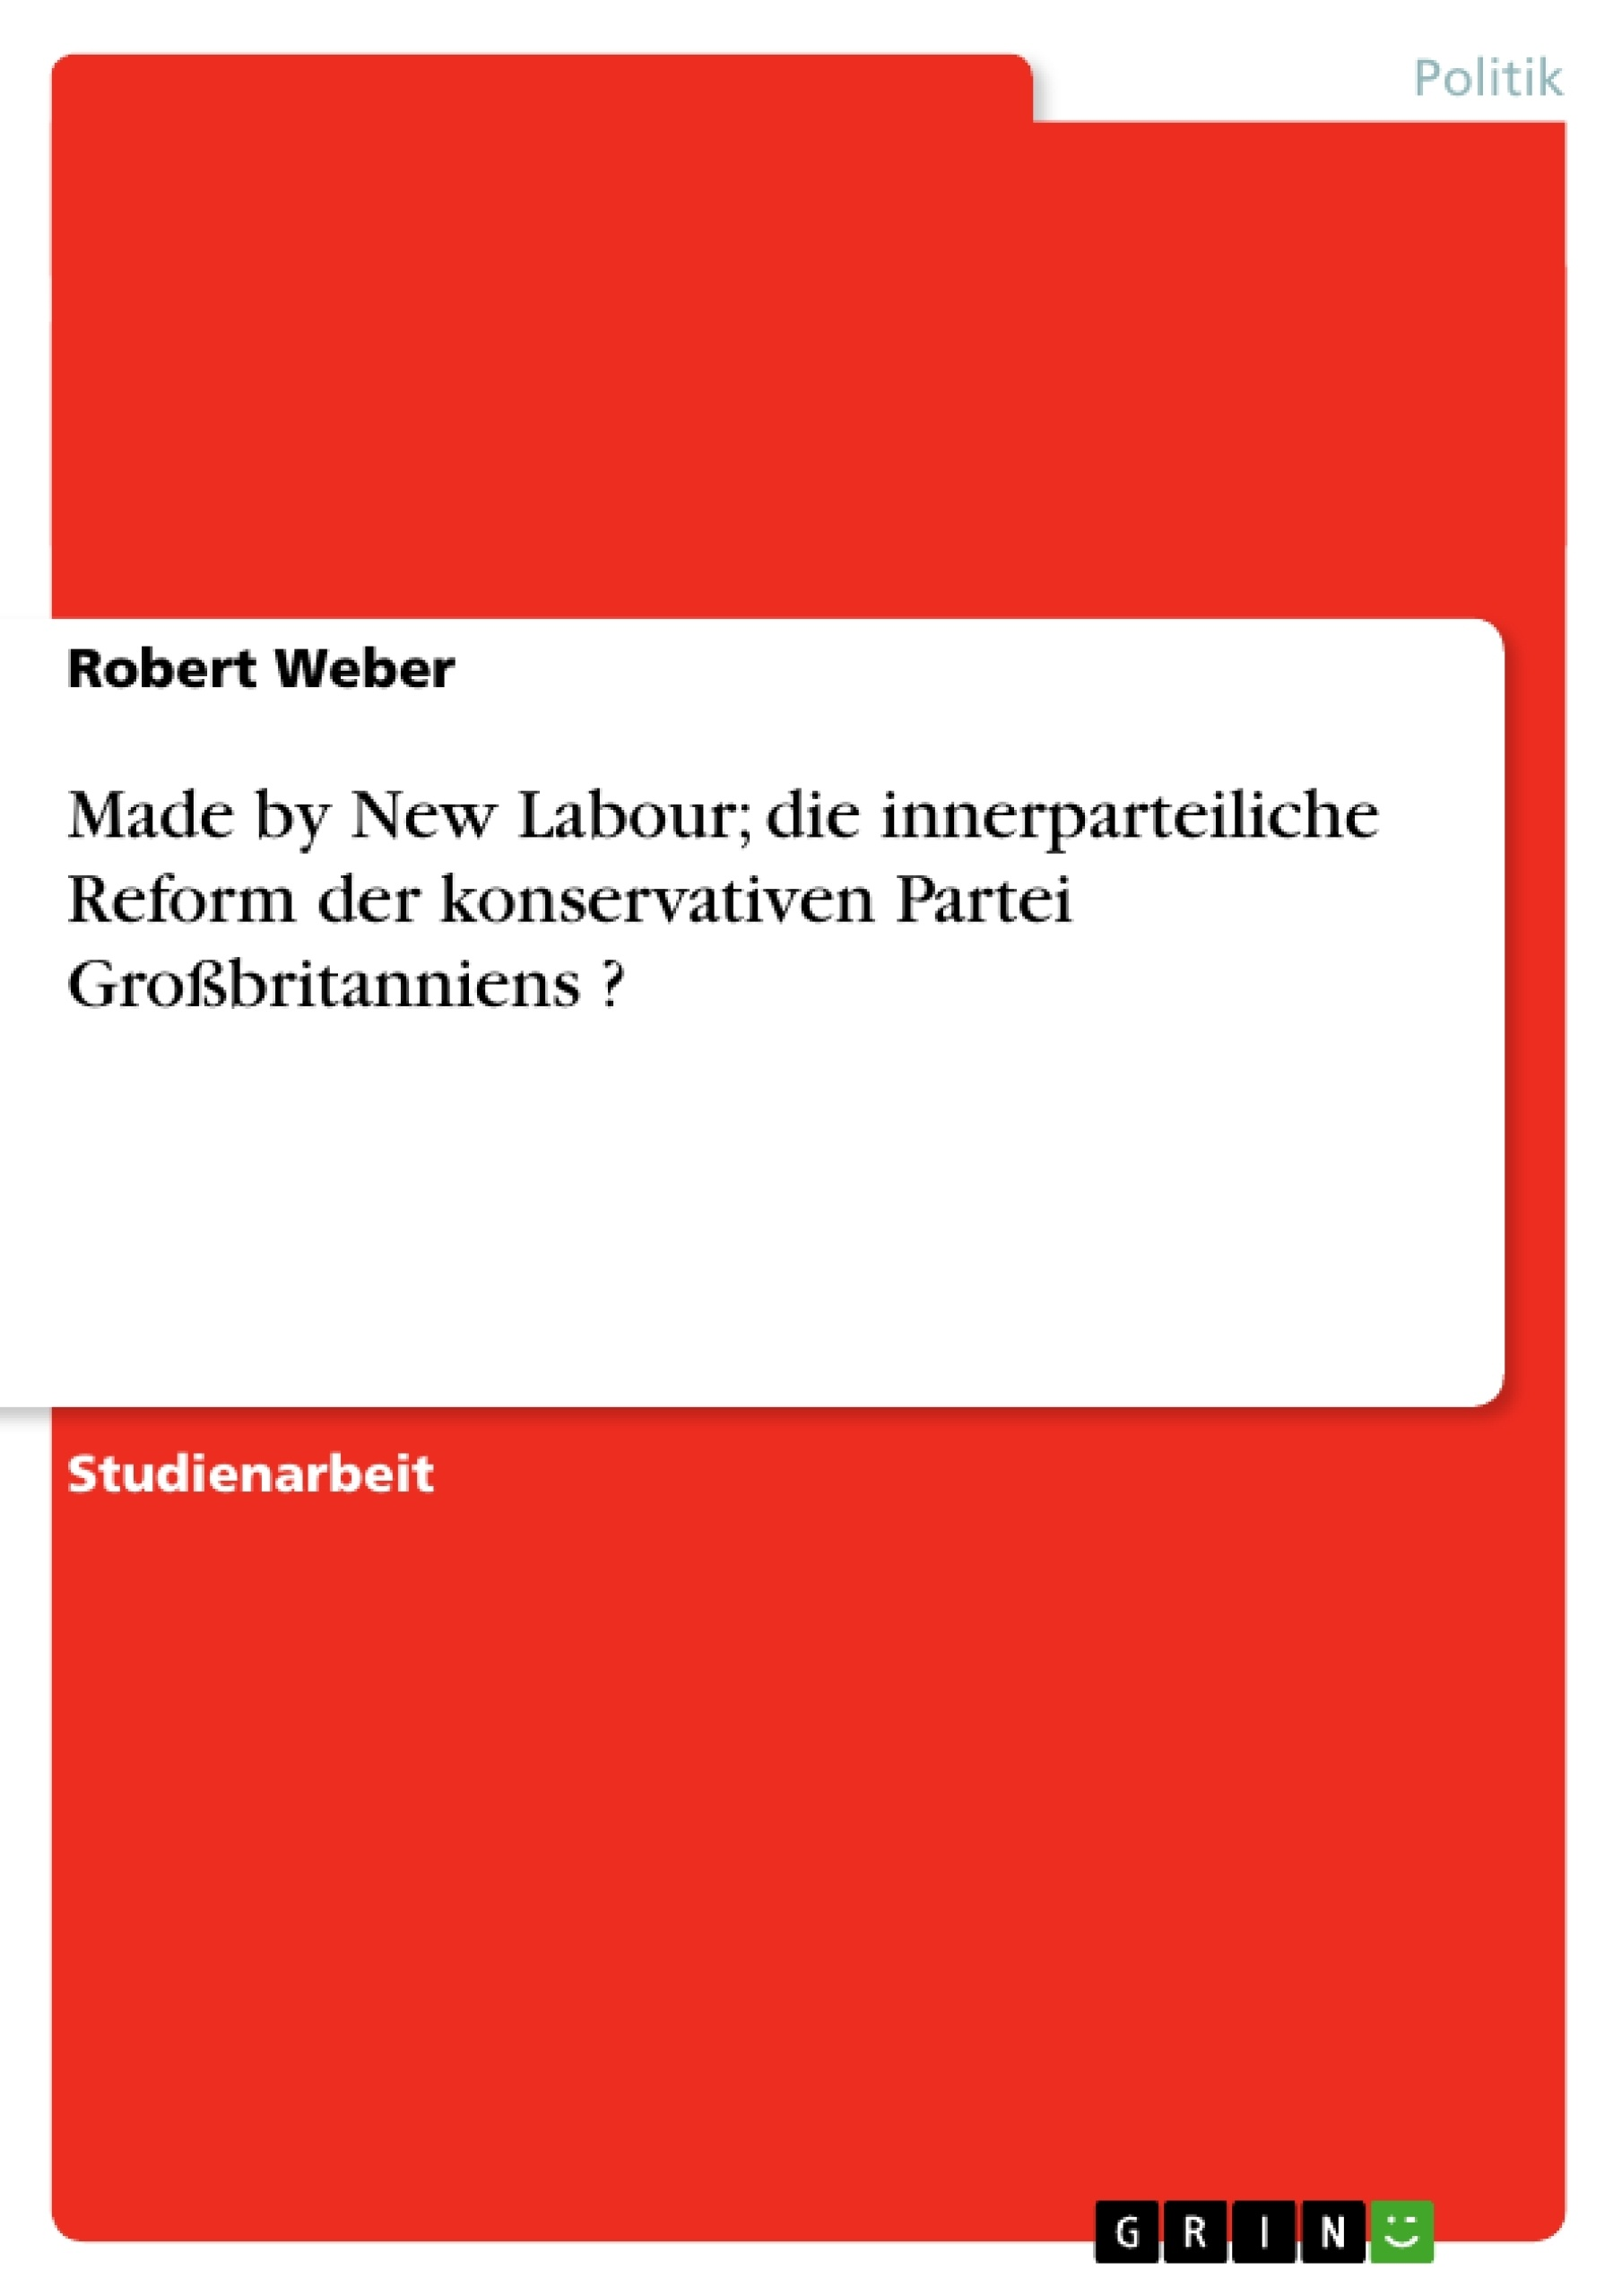 Titel: Made by New Labour; die innerparteiliche Reform der konservativen Partei Großbritanniens ?